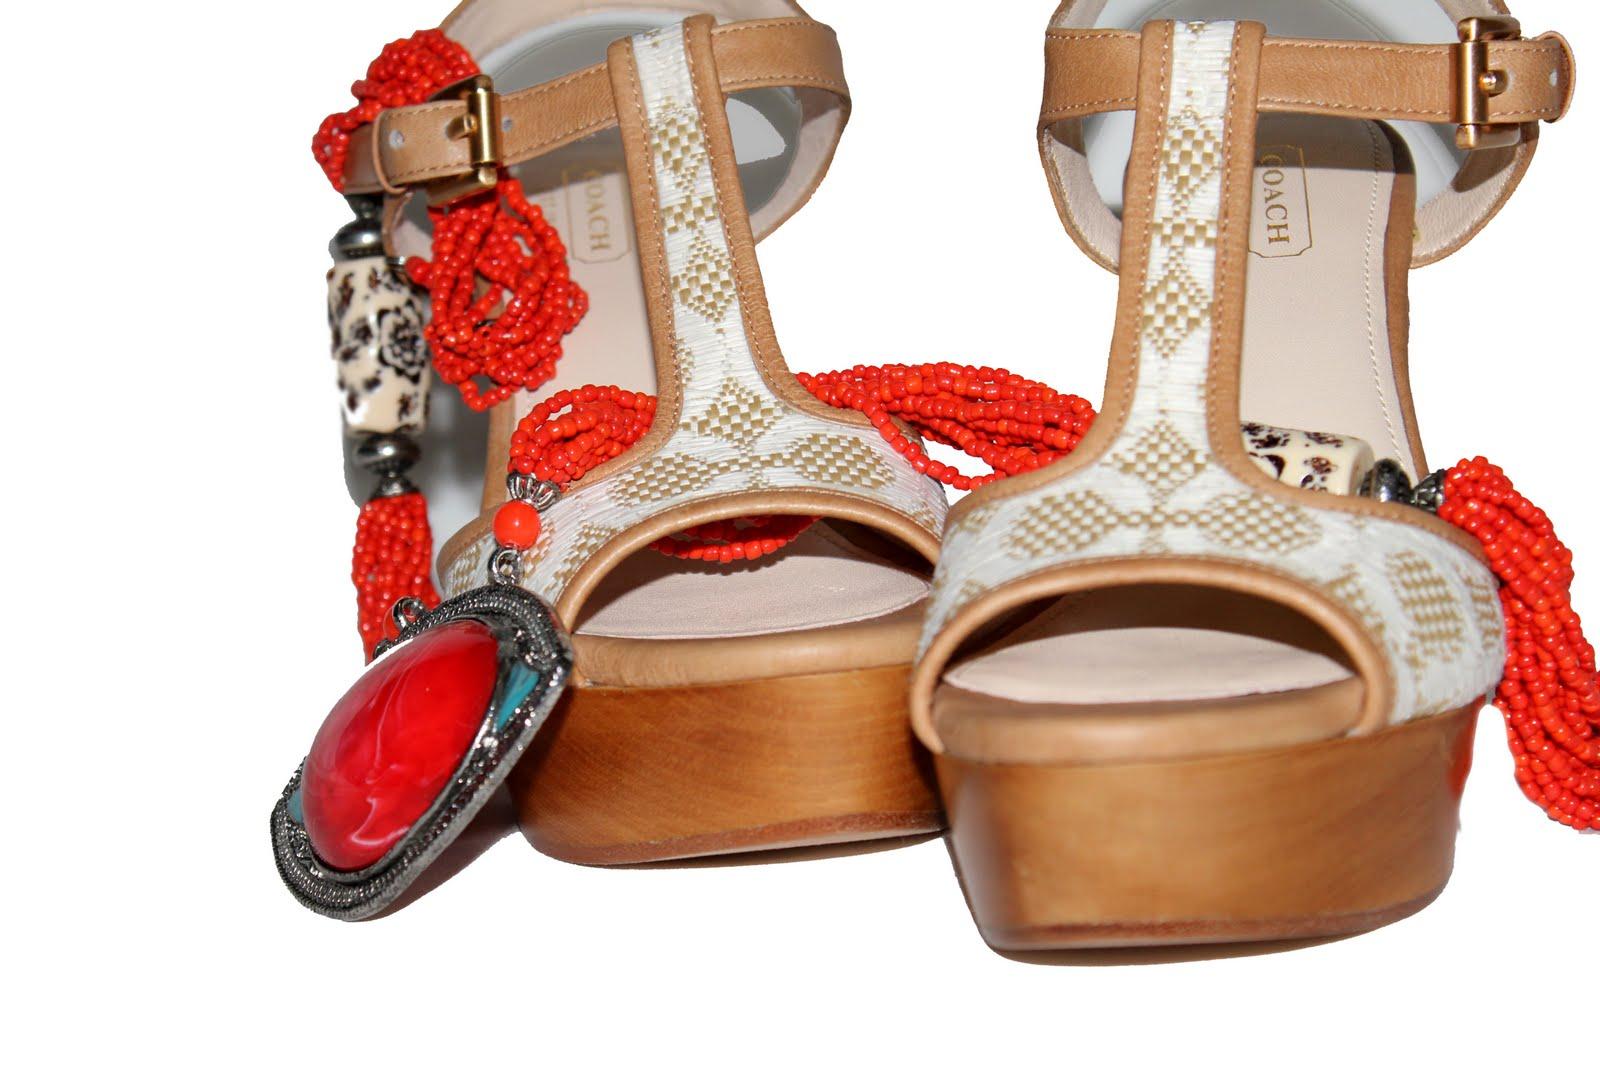 http://4.bp.blogspot.com/-HqbIVDhHTZA/Tb5BHljrl3I/AAAAAAAAACo/-Uy4-B2HHy8/s1600/Coach%20shoes%202.jpg